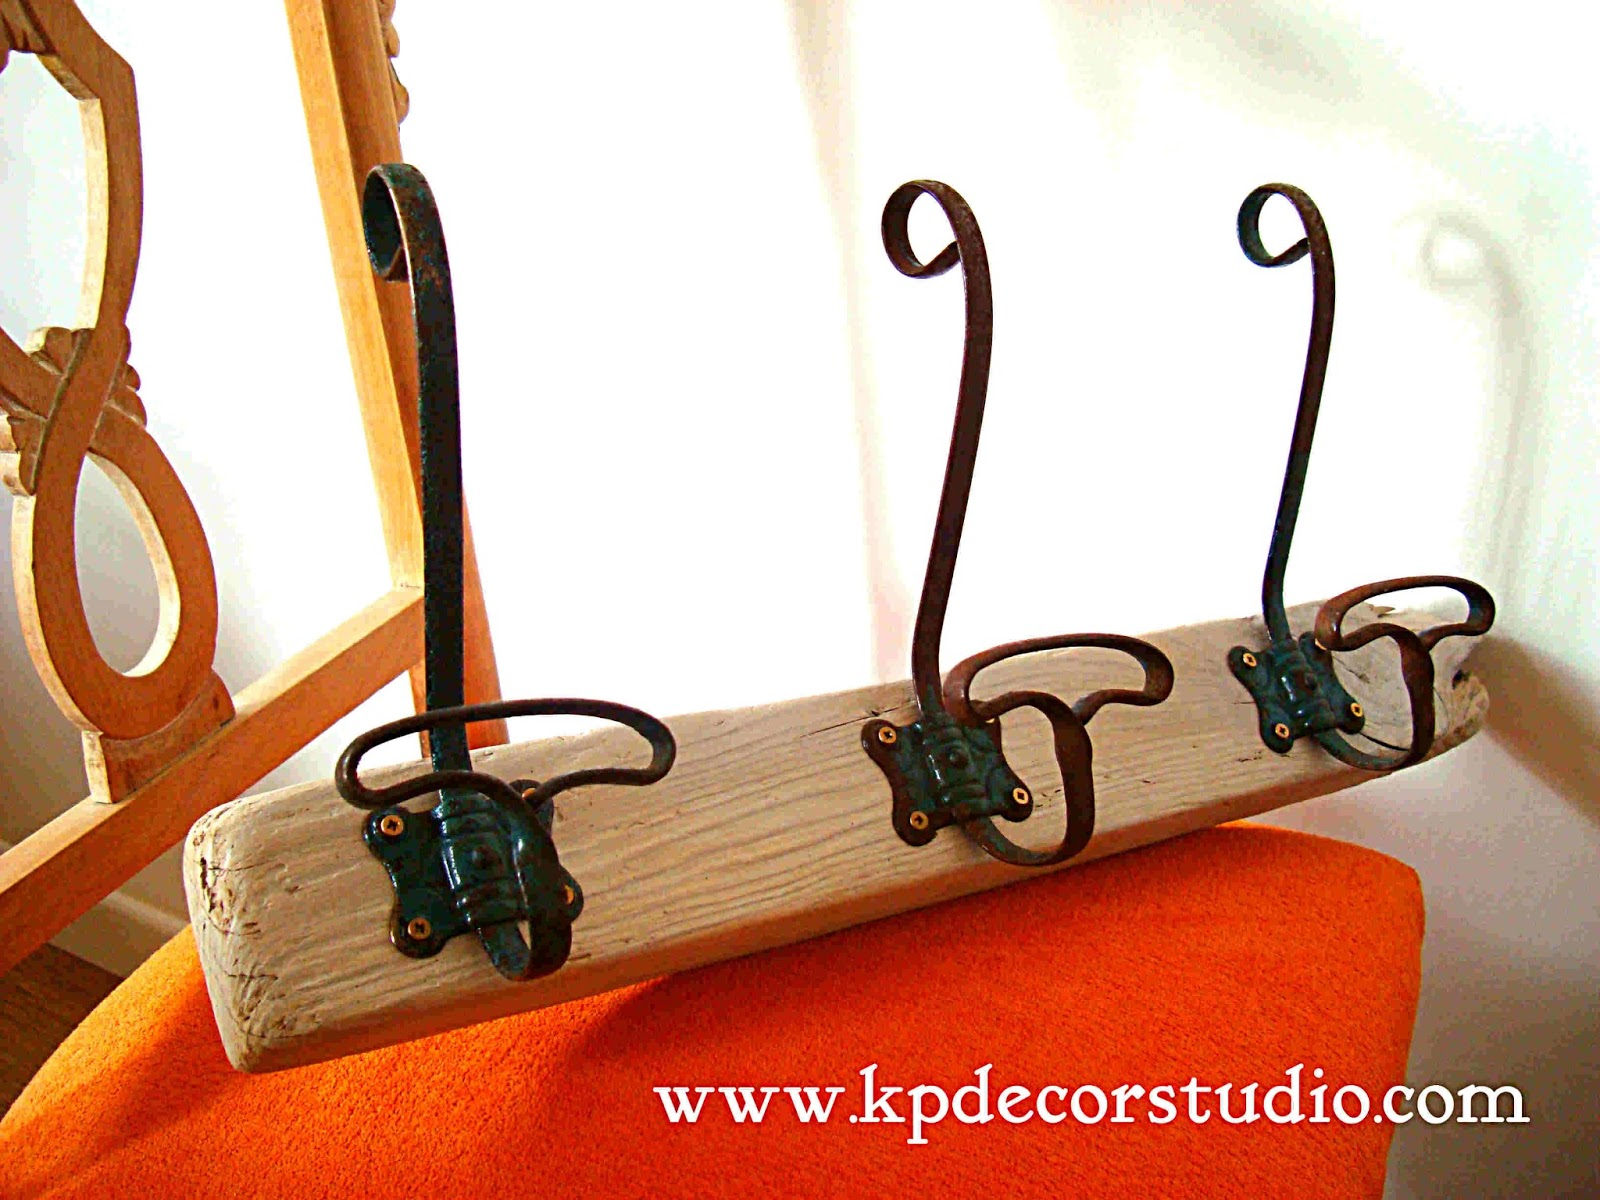 Kp tienda vintage online perchero artesanal de madera con 3 colgadores de forja handmade - Perchero de pared original ...